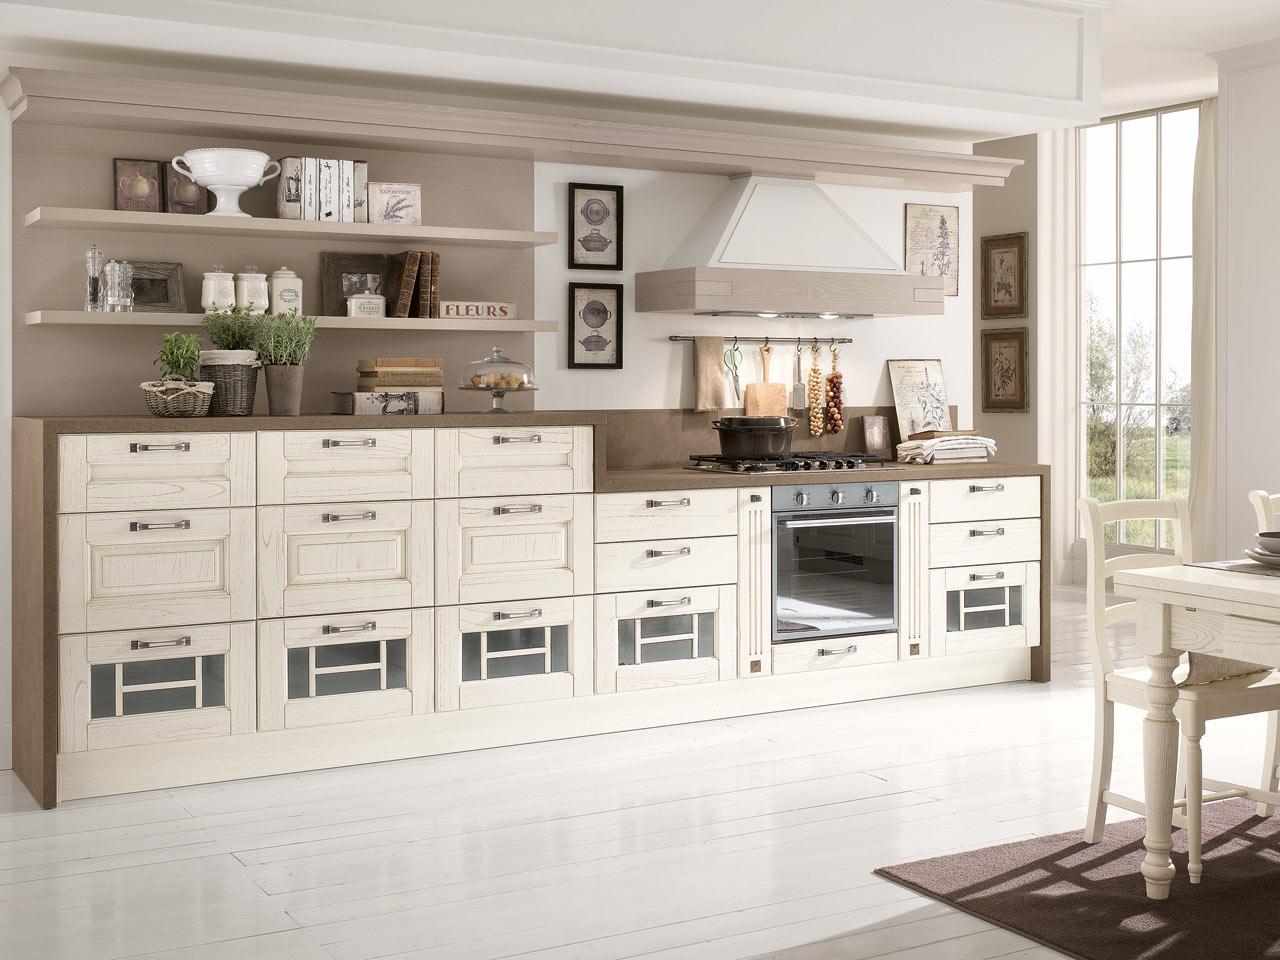 Piccole Cucine Romantiche : Piccole cucine a angolo. Piccole ...